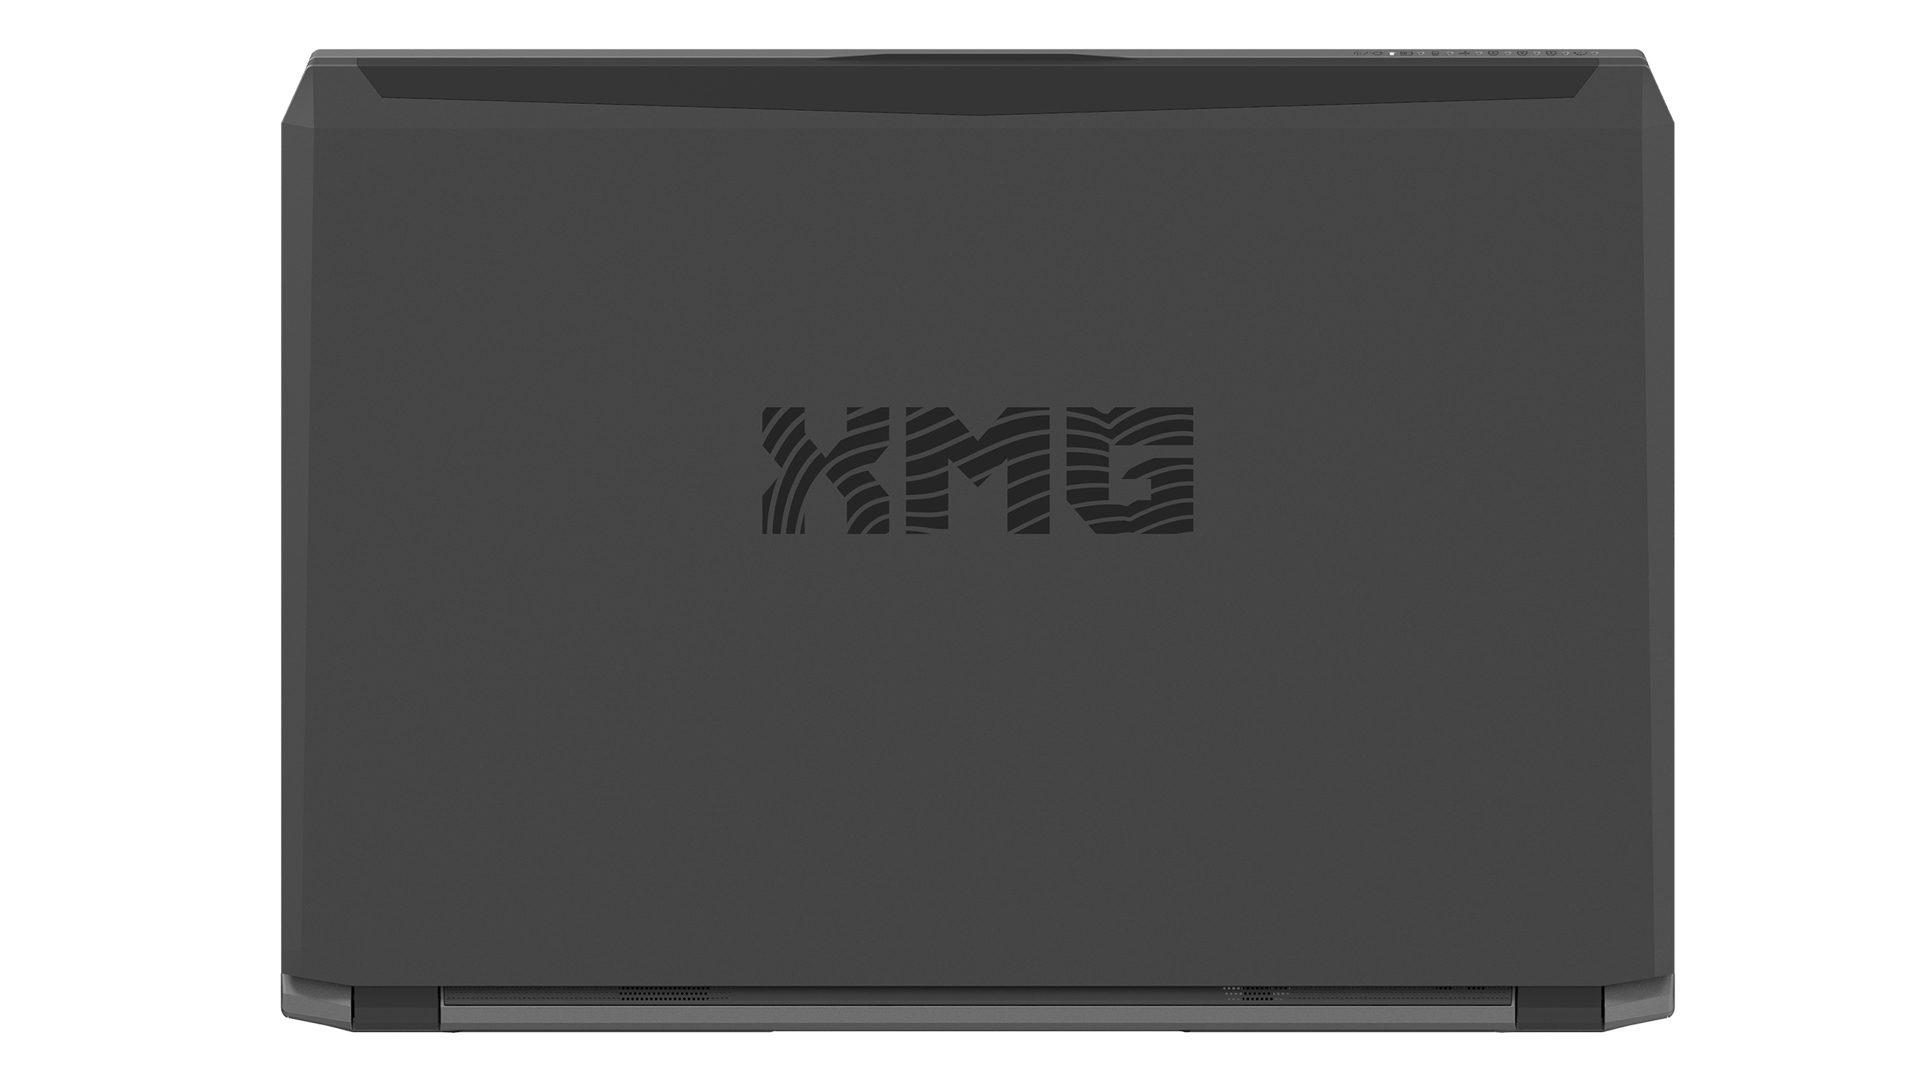 SCHENKER-XMG-P507-VE-gsh-Ansichten_1